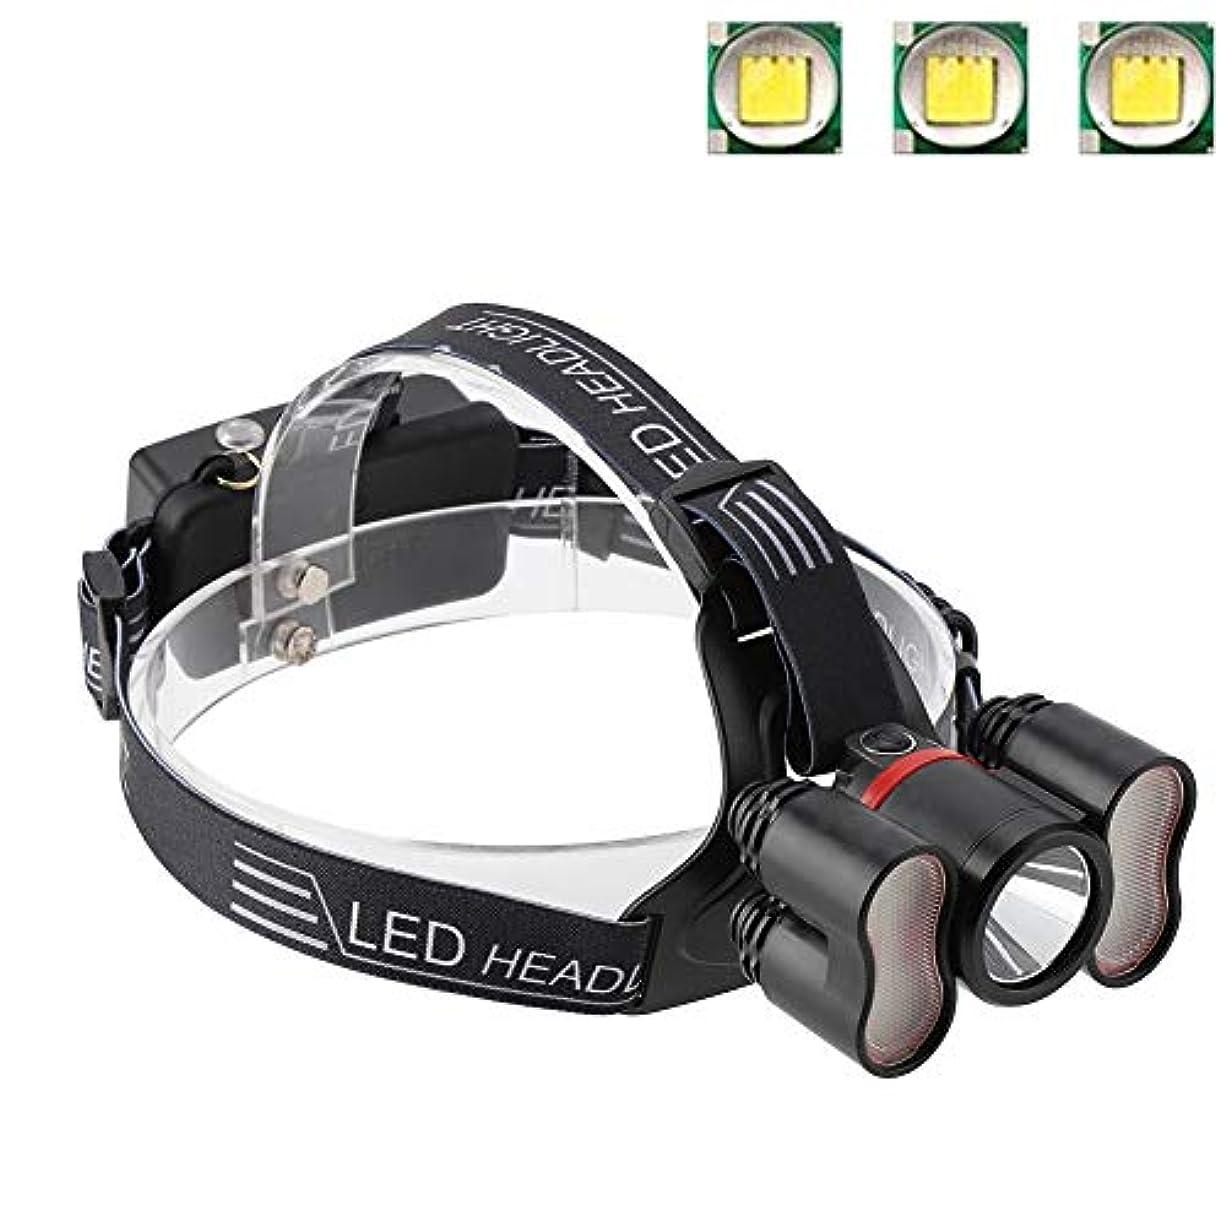 ヘッドライト懐中電灯、2000LMヘッドライト18650 LED USB充電式防水トラベルヘッドトーチキャンプランプランニングハイキング釣りに適して(#1)